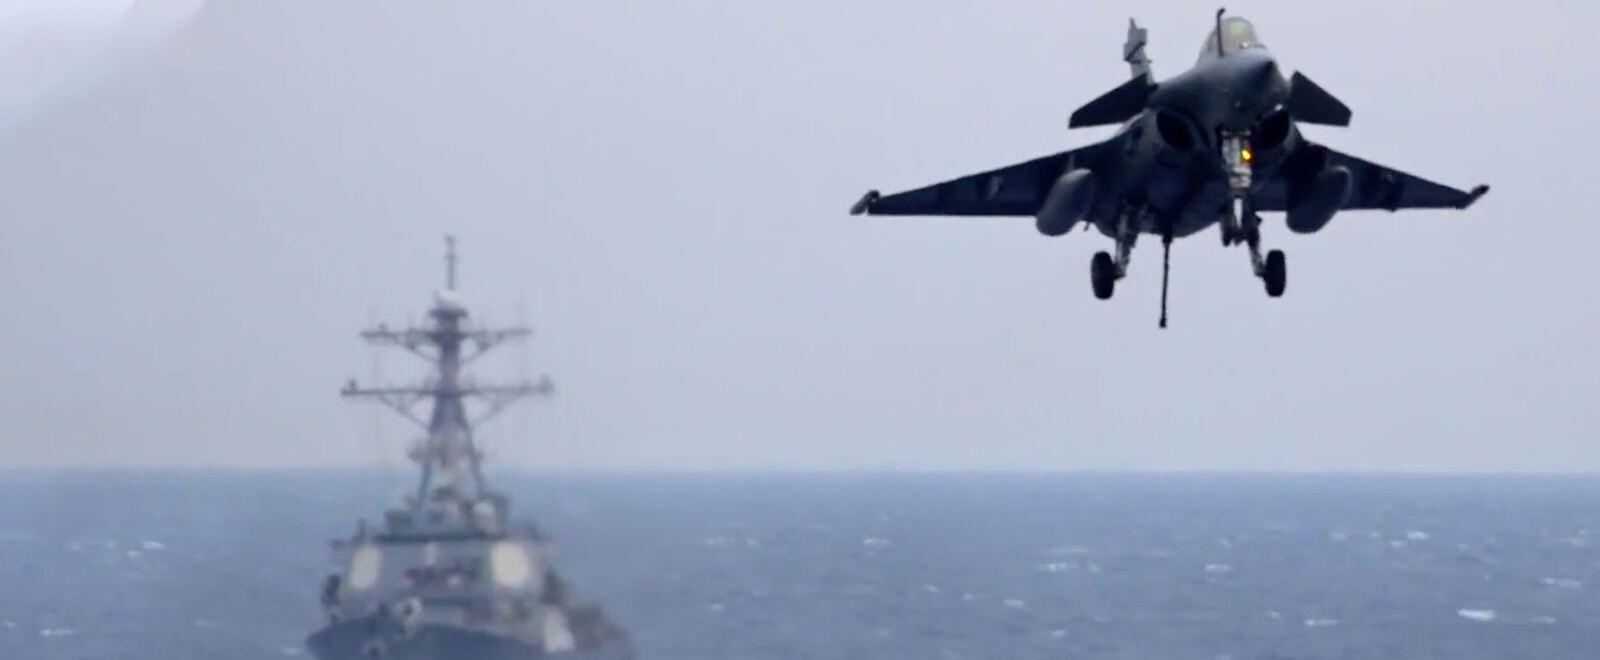 Charles De Gaulle: Come si smonta e rimonta una portaerei